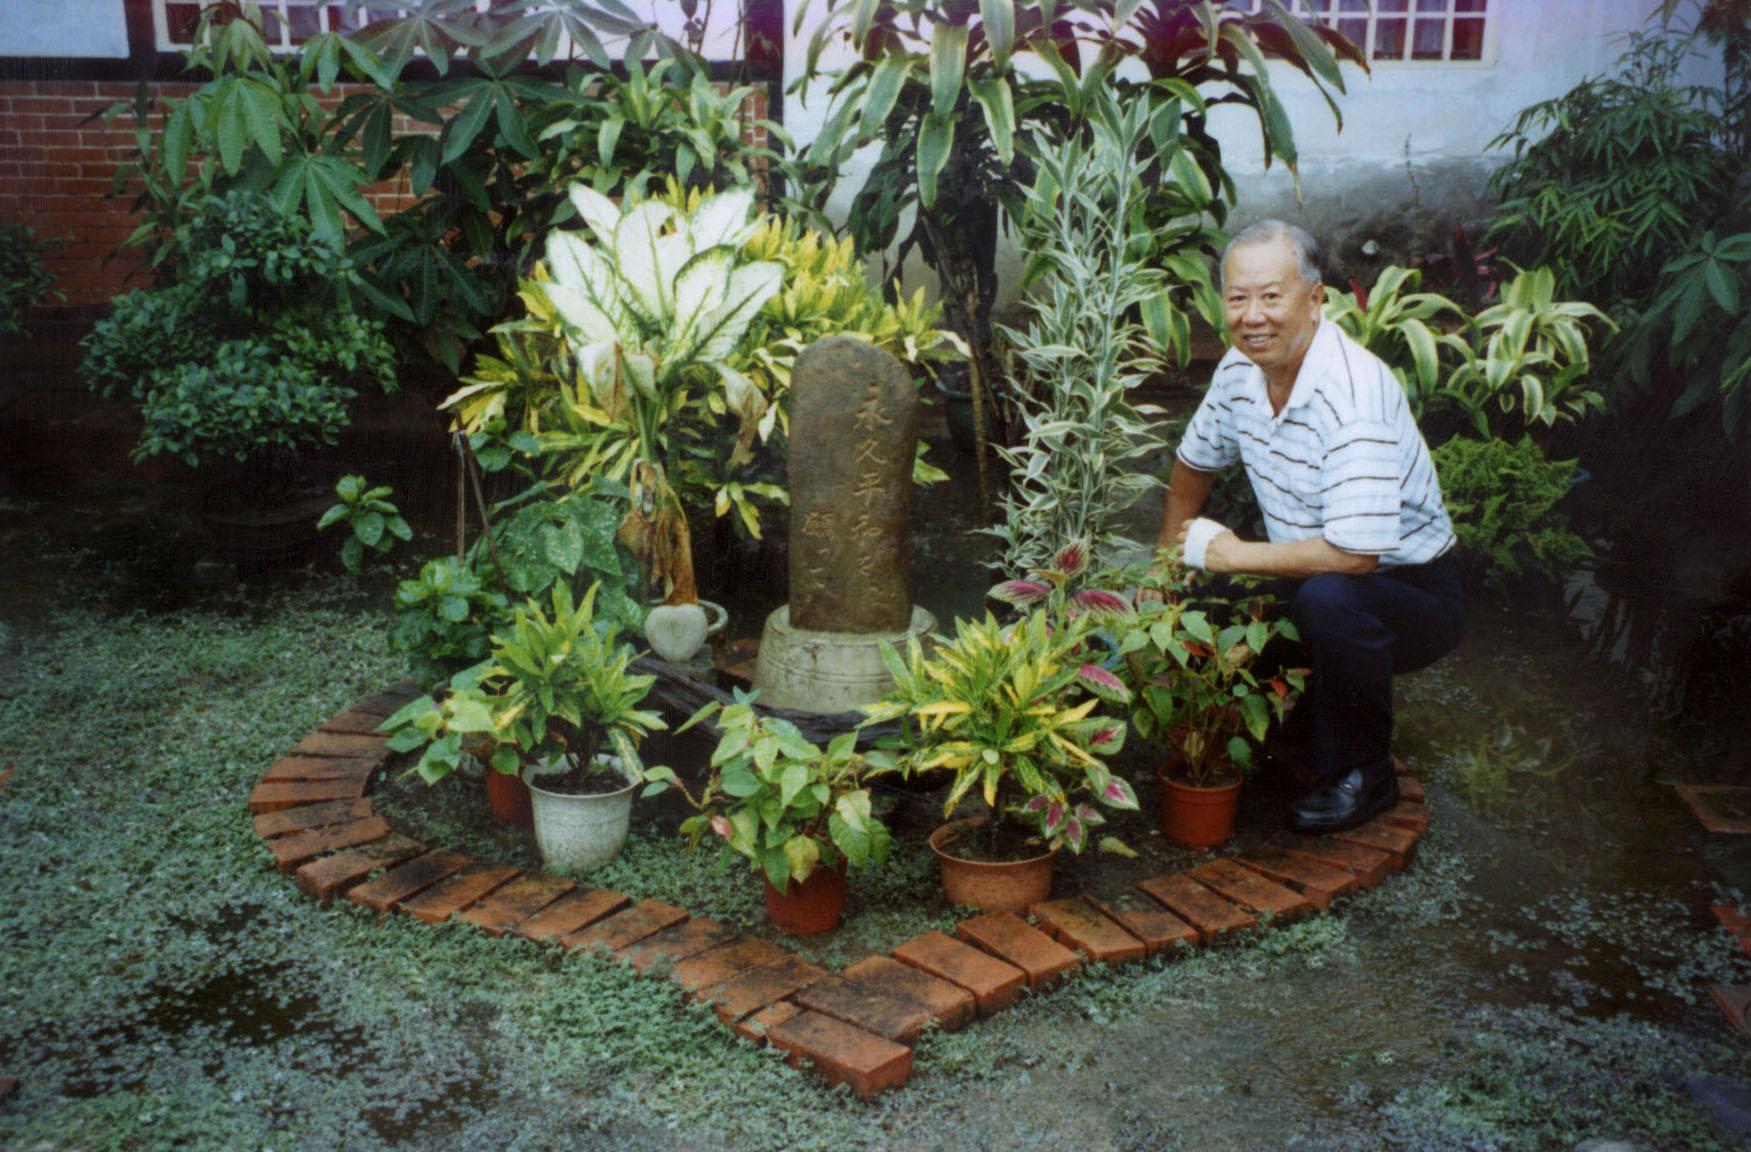 2001 年康豹和學生們到玉井鄉,訪問當時受難家族的後代──江炳煌先生,發現他在花園裡用磚頭排了一個愛心,立了一個石碑用日文刻著「但願有永久的和平」。圖│康豹提供